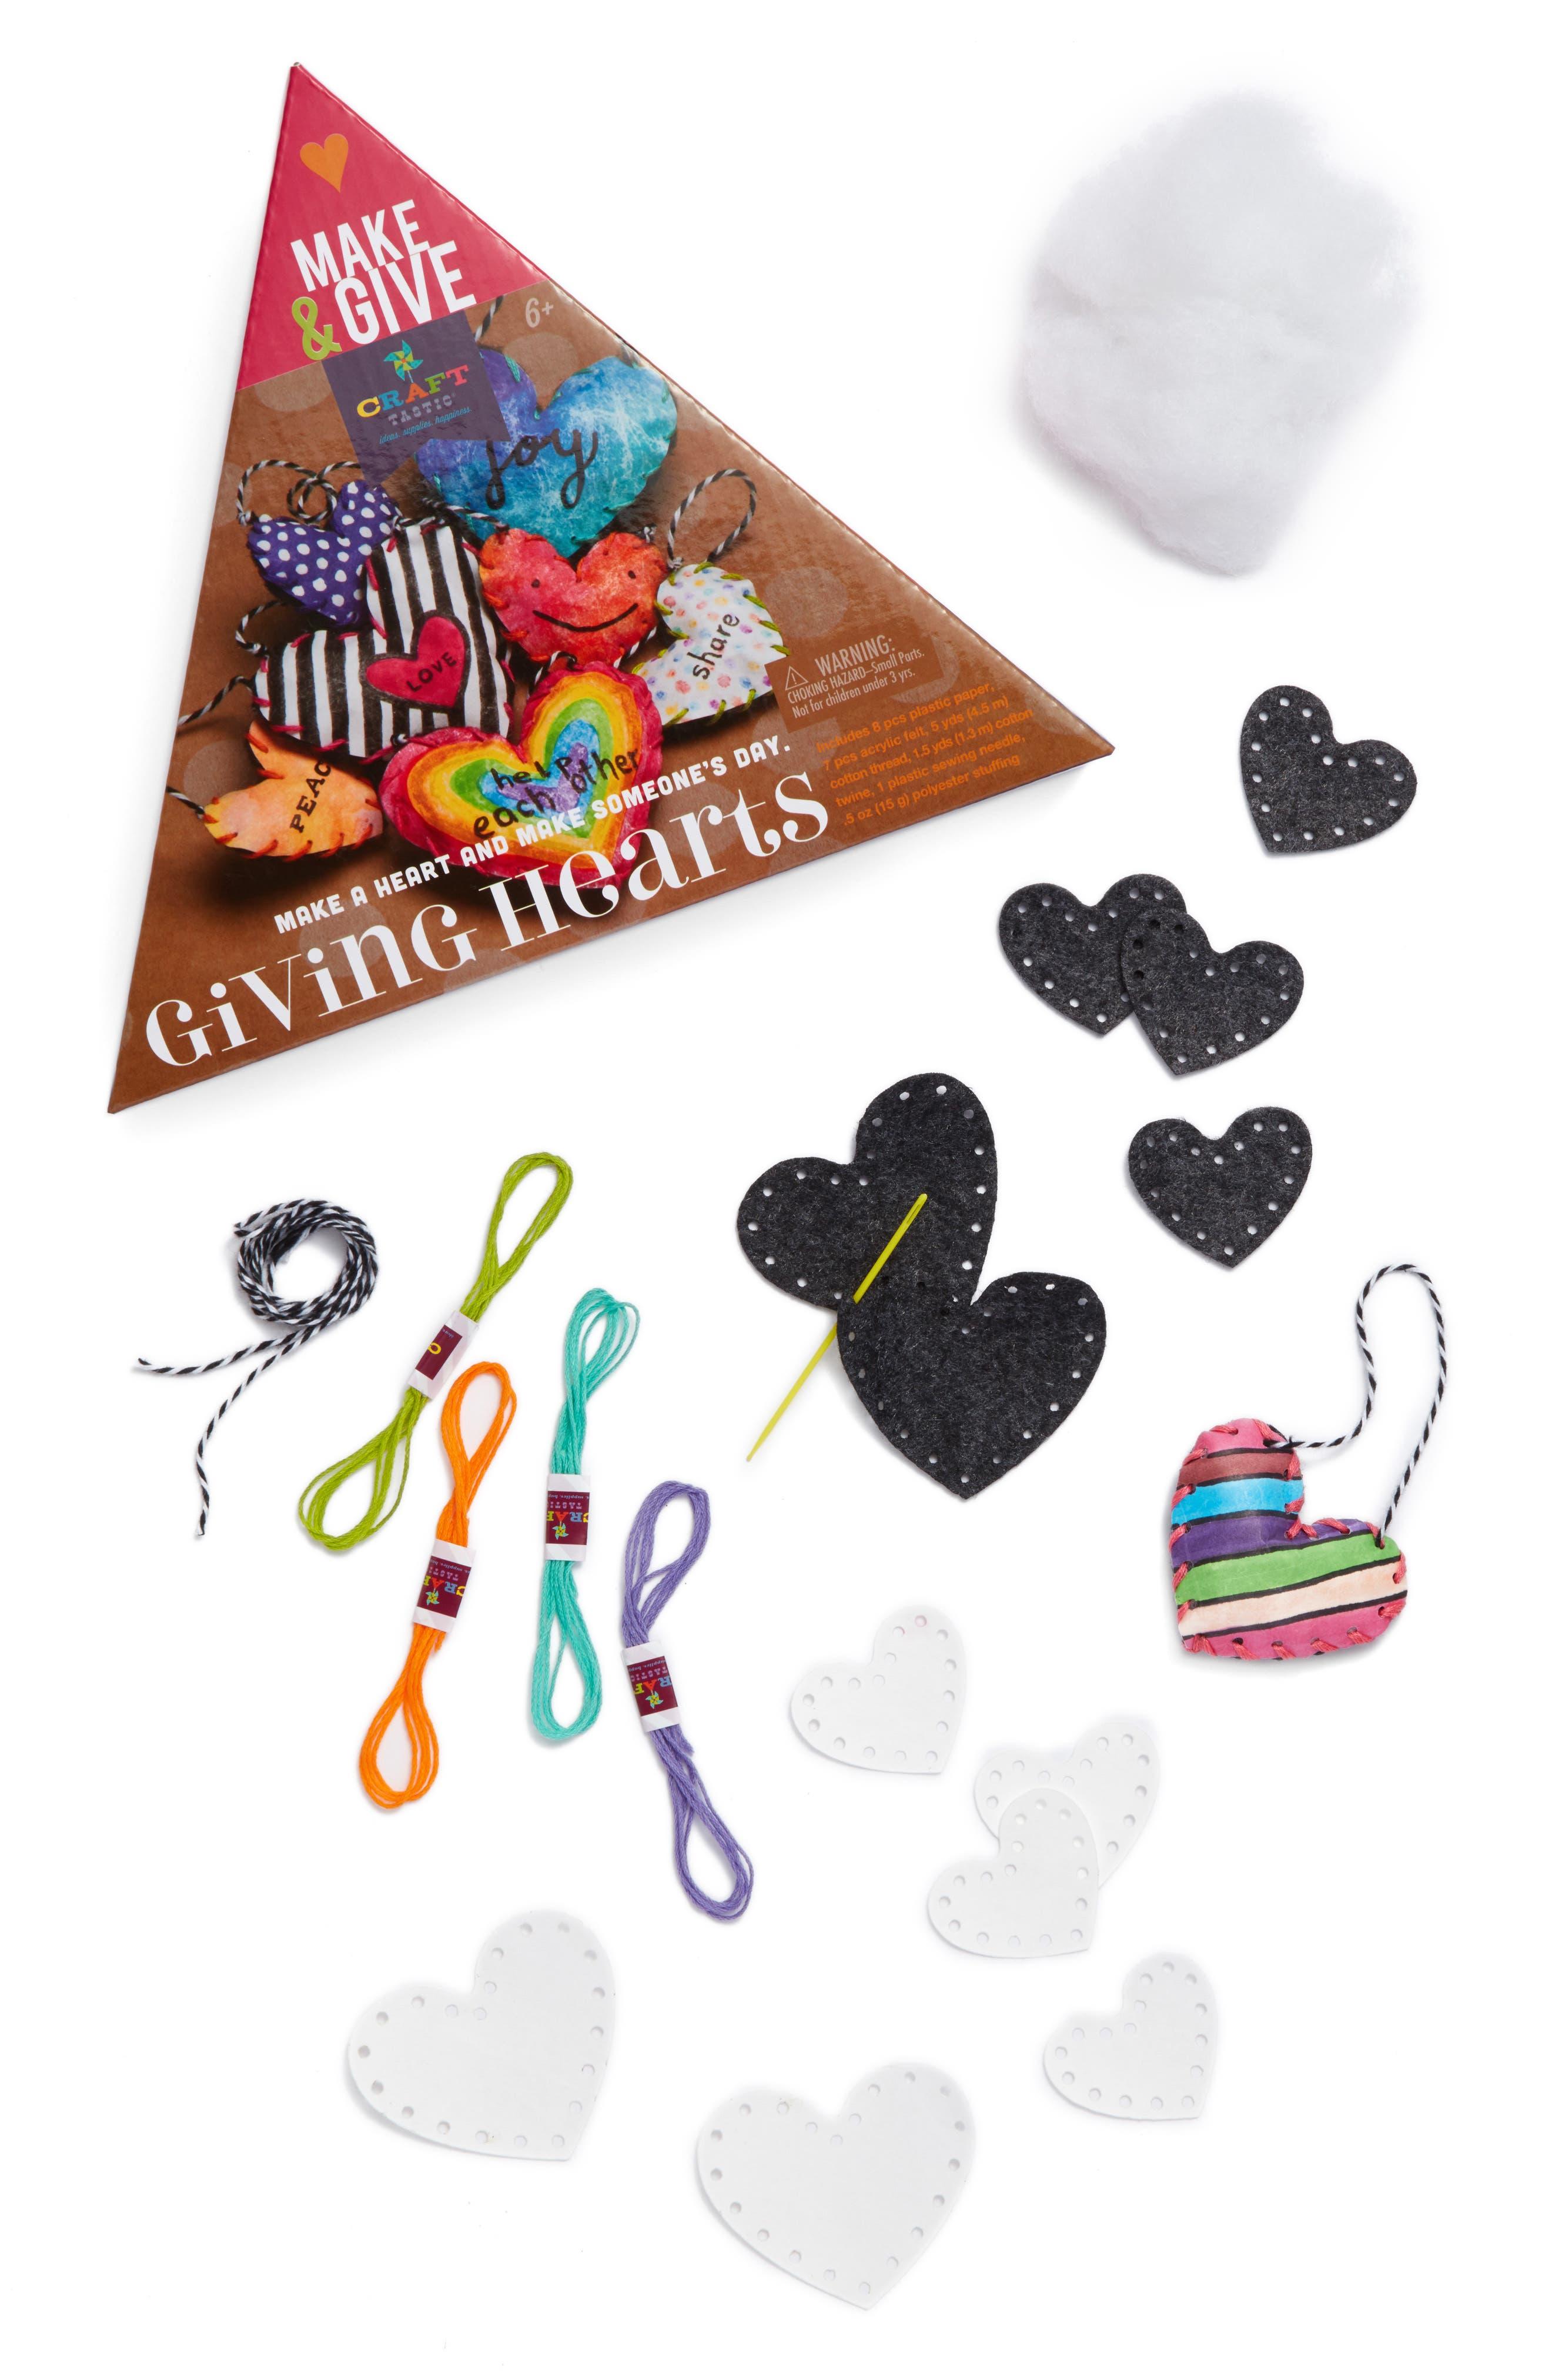 Main Image - Craft-tastic Make & Give Giving Hearts Craft Kit